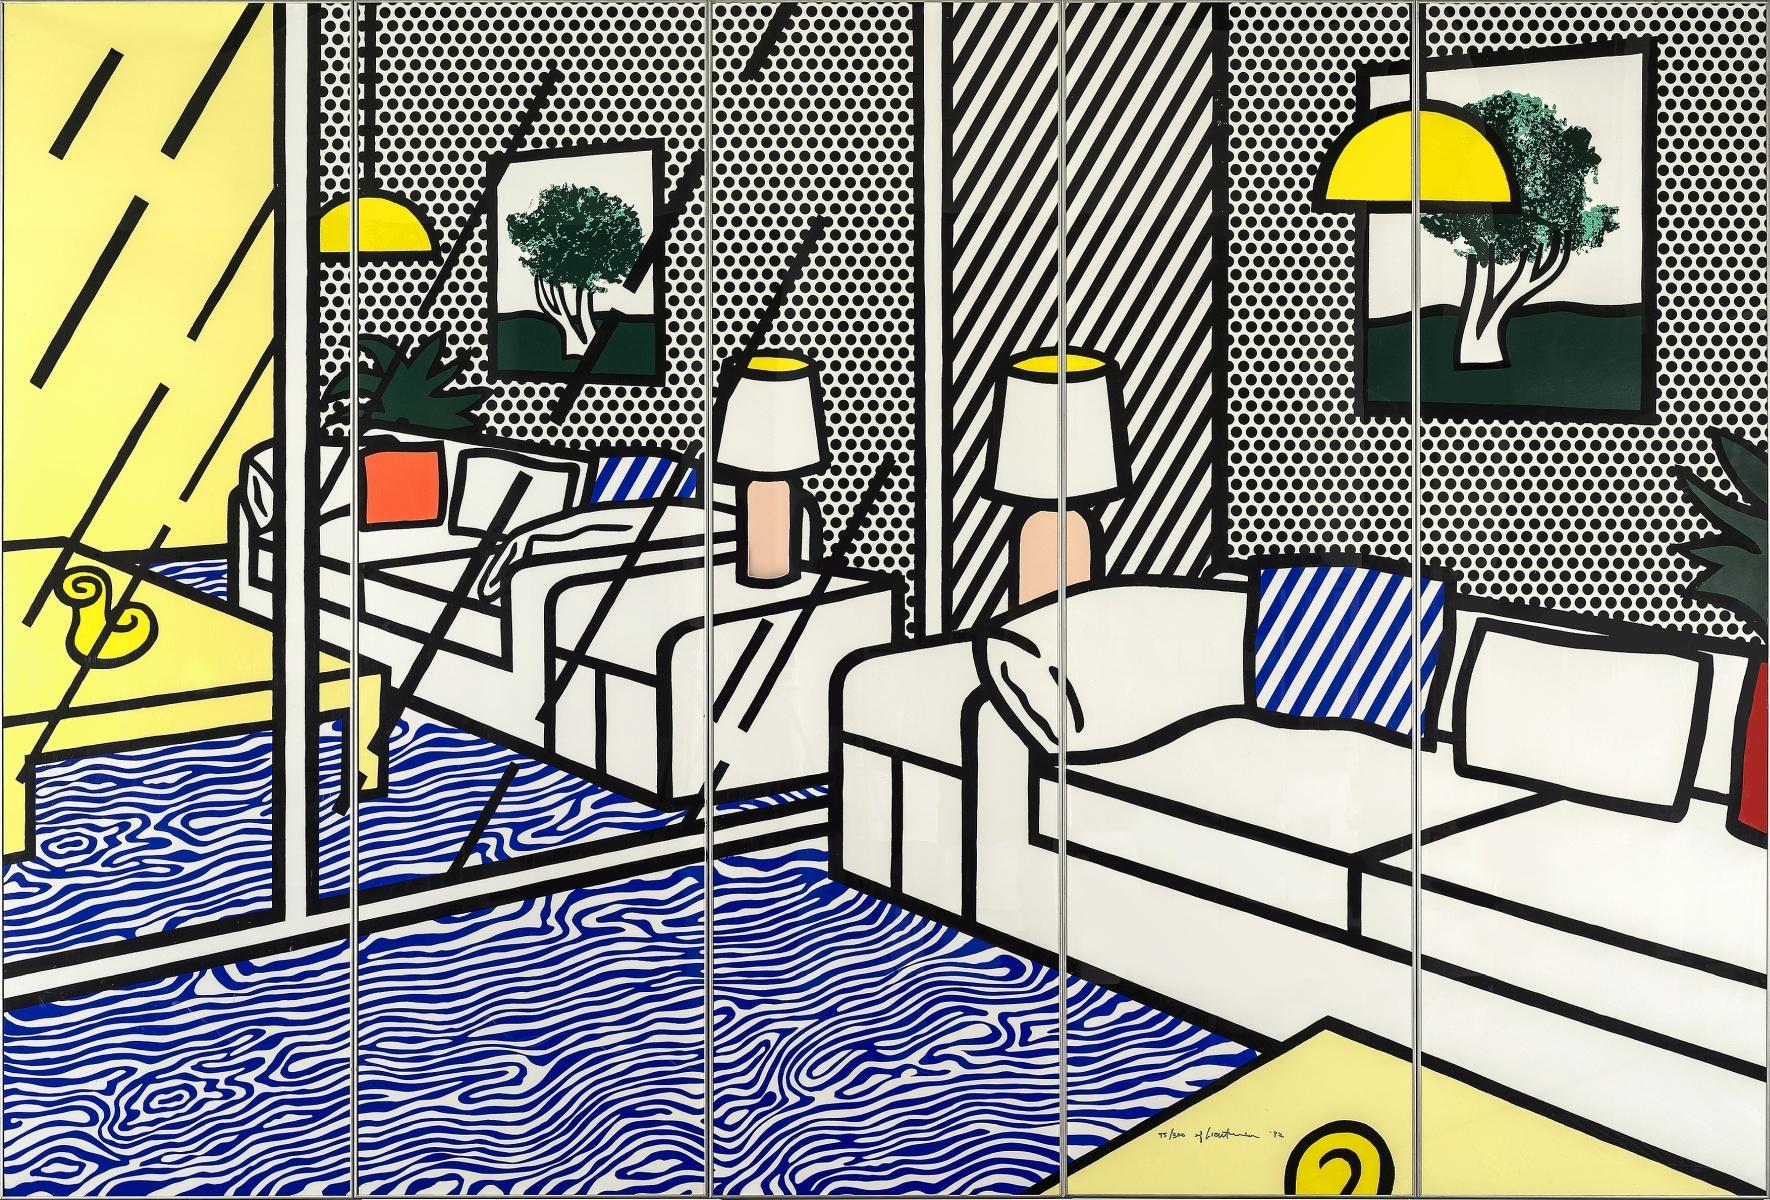 Roy Lichtenstein - Wallpaper with Blue Floor Interior 1/2